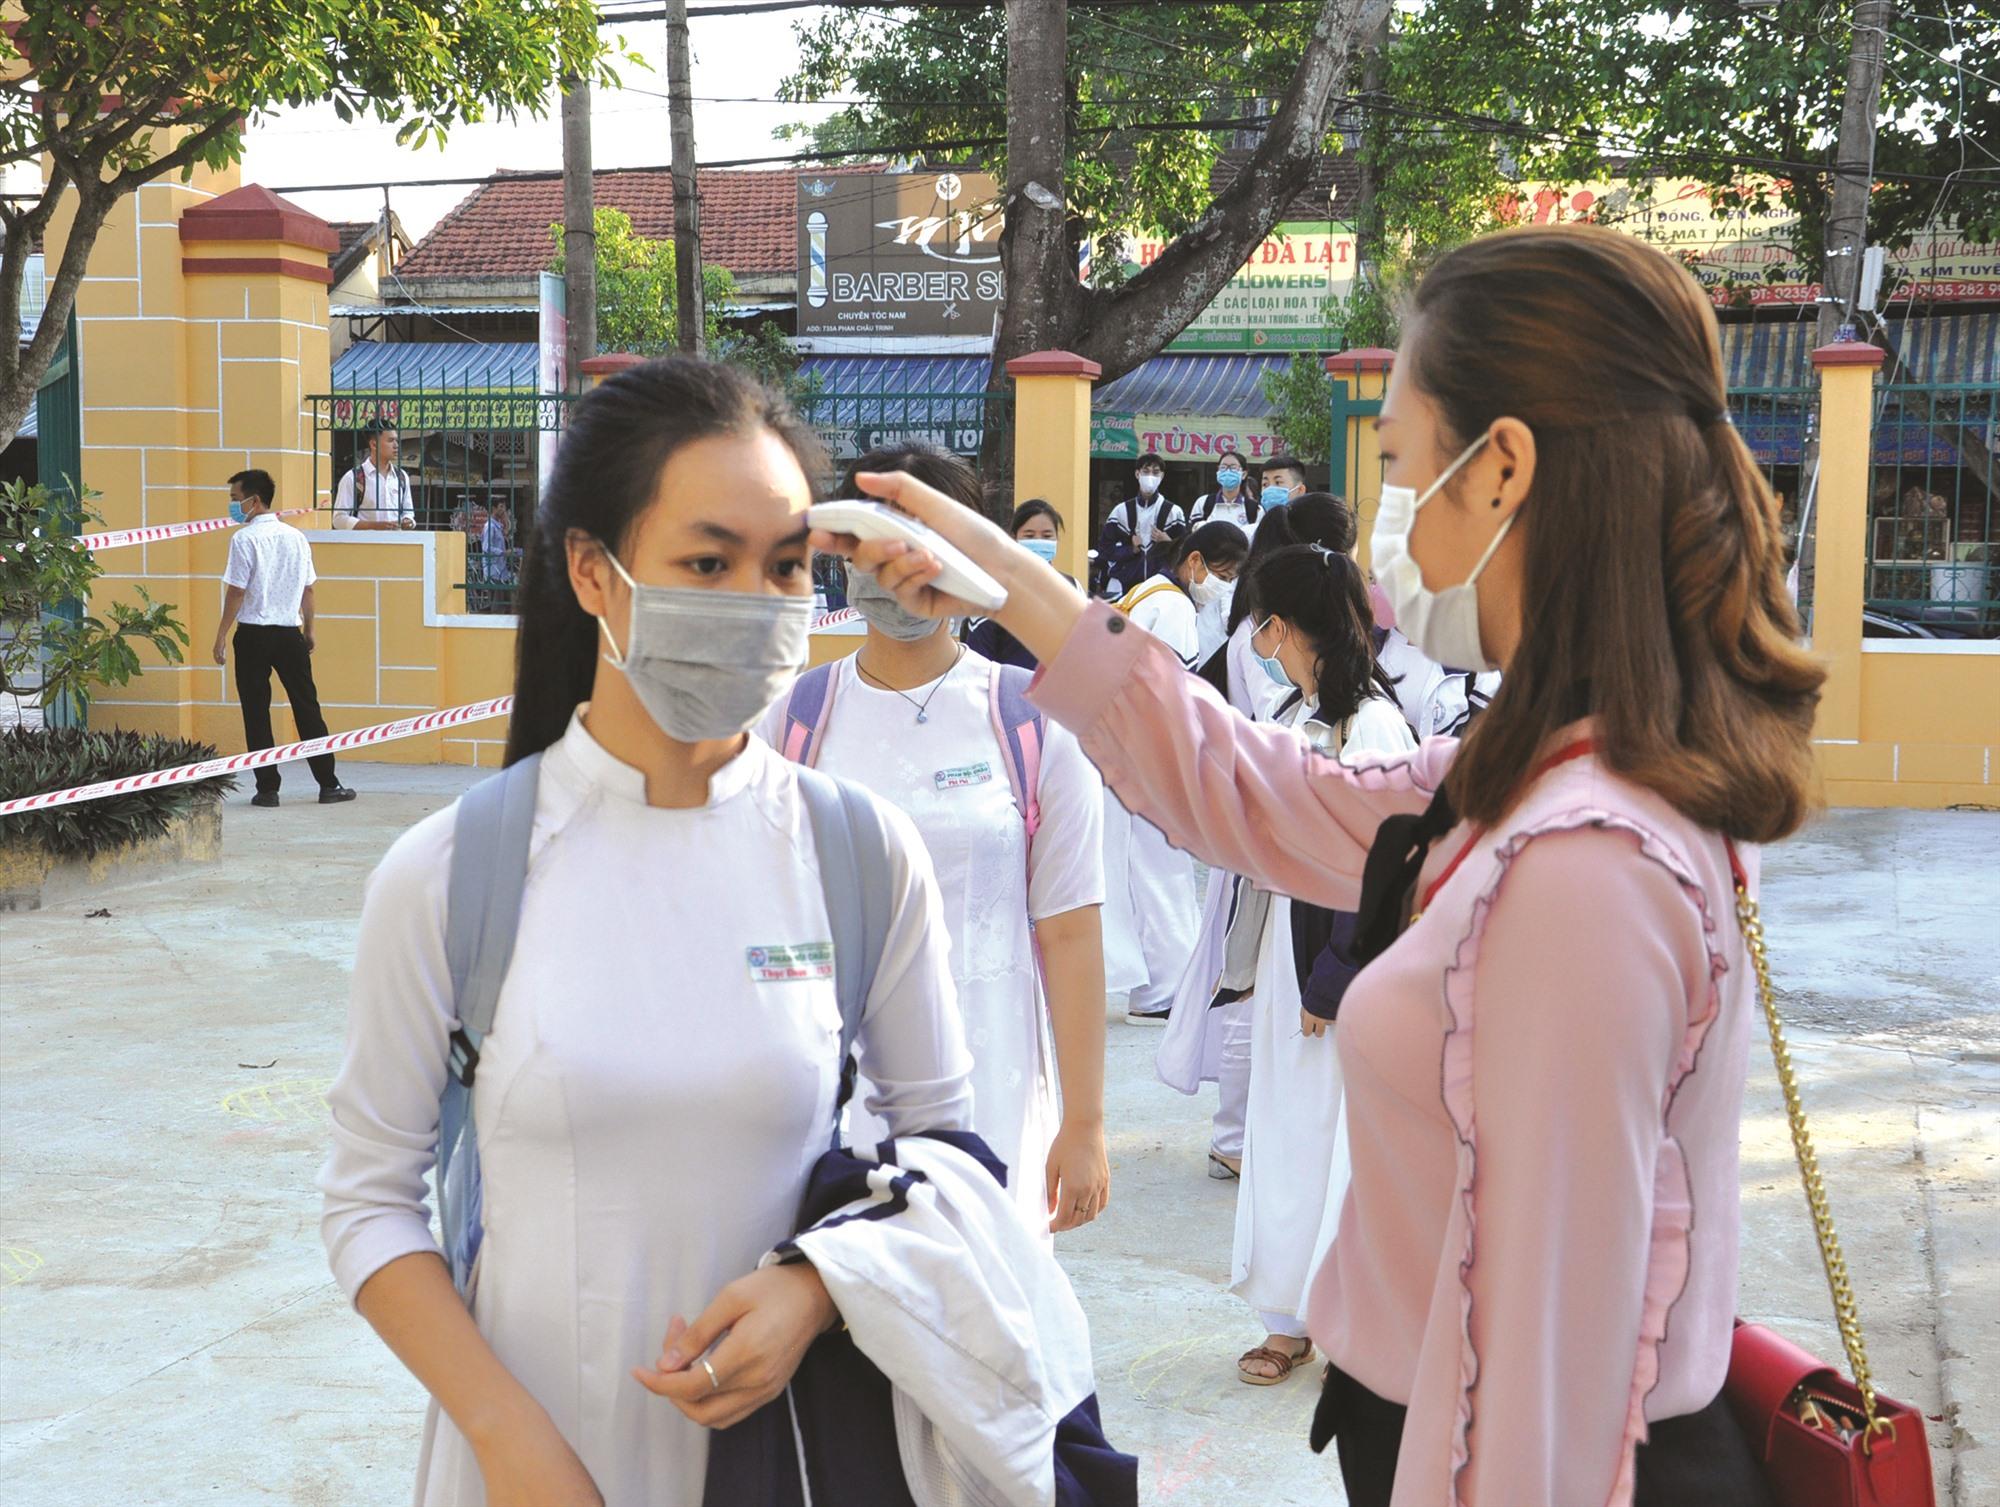 Trường THPT Phan Bội Châu (Tam Kỳ) thực hiện đo thân nhiệt cho học sinh trước khi vào lớp. Ảnh: X.P